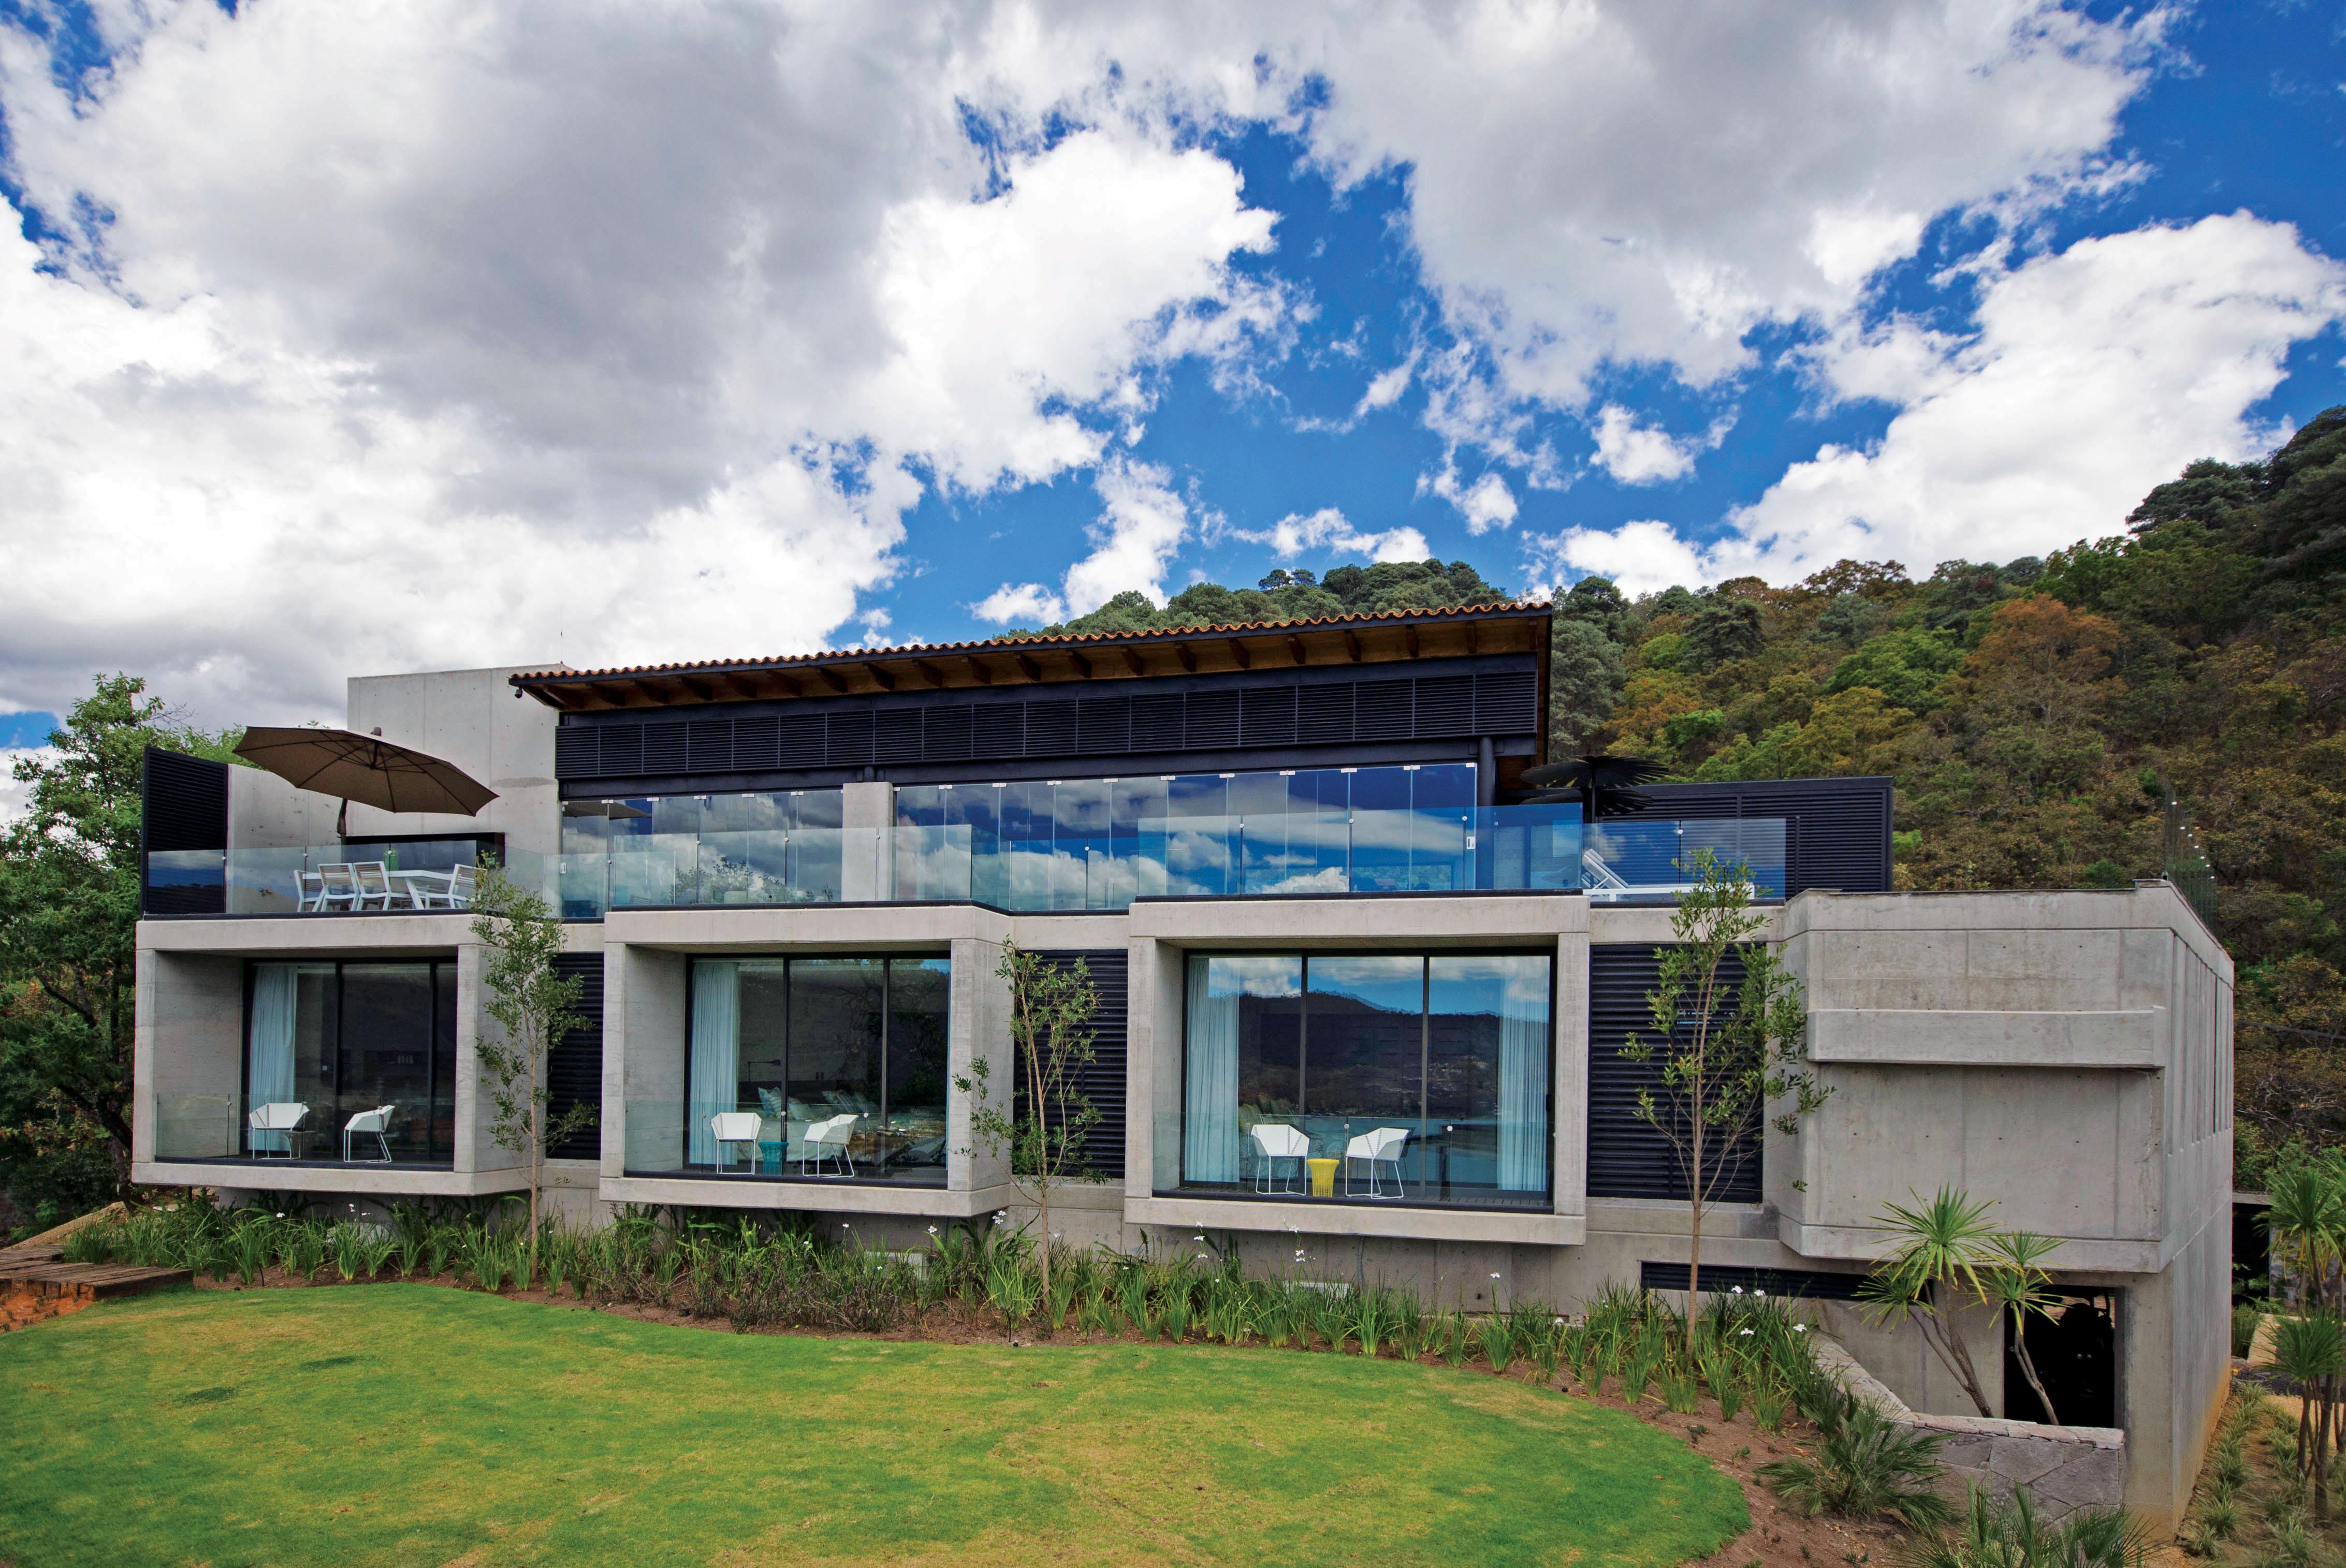 Rr house architect magazine buro arquitectura mexico for Casa moderna bogota